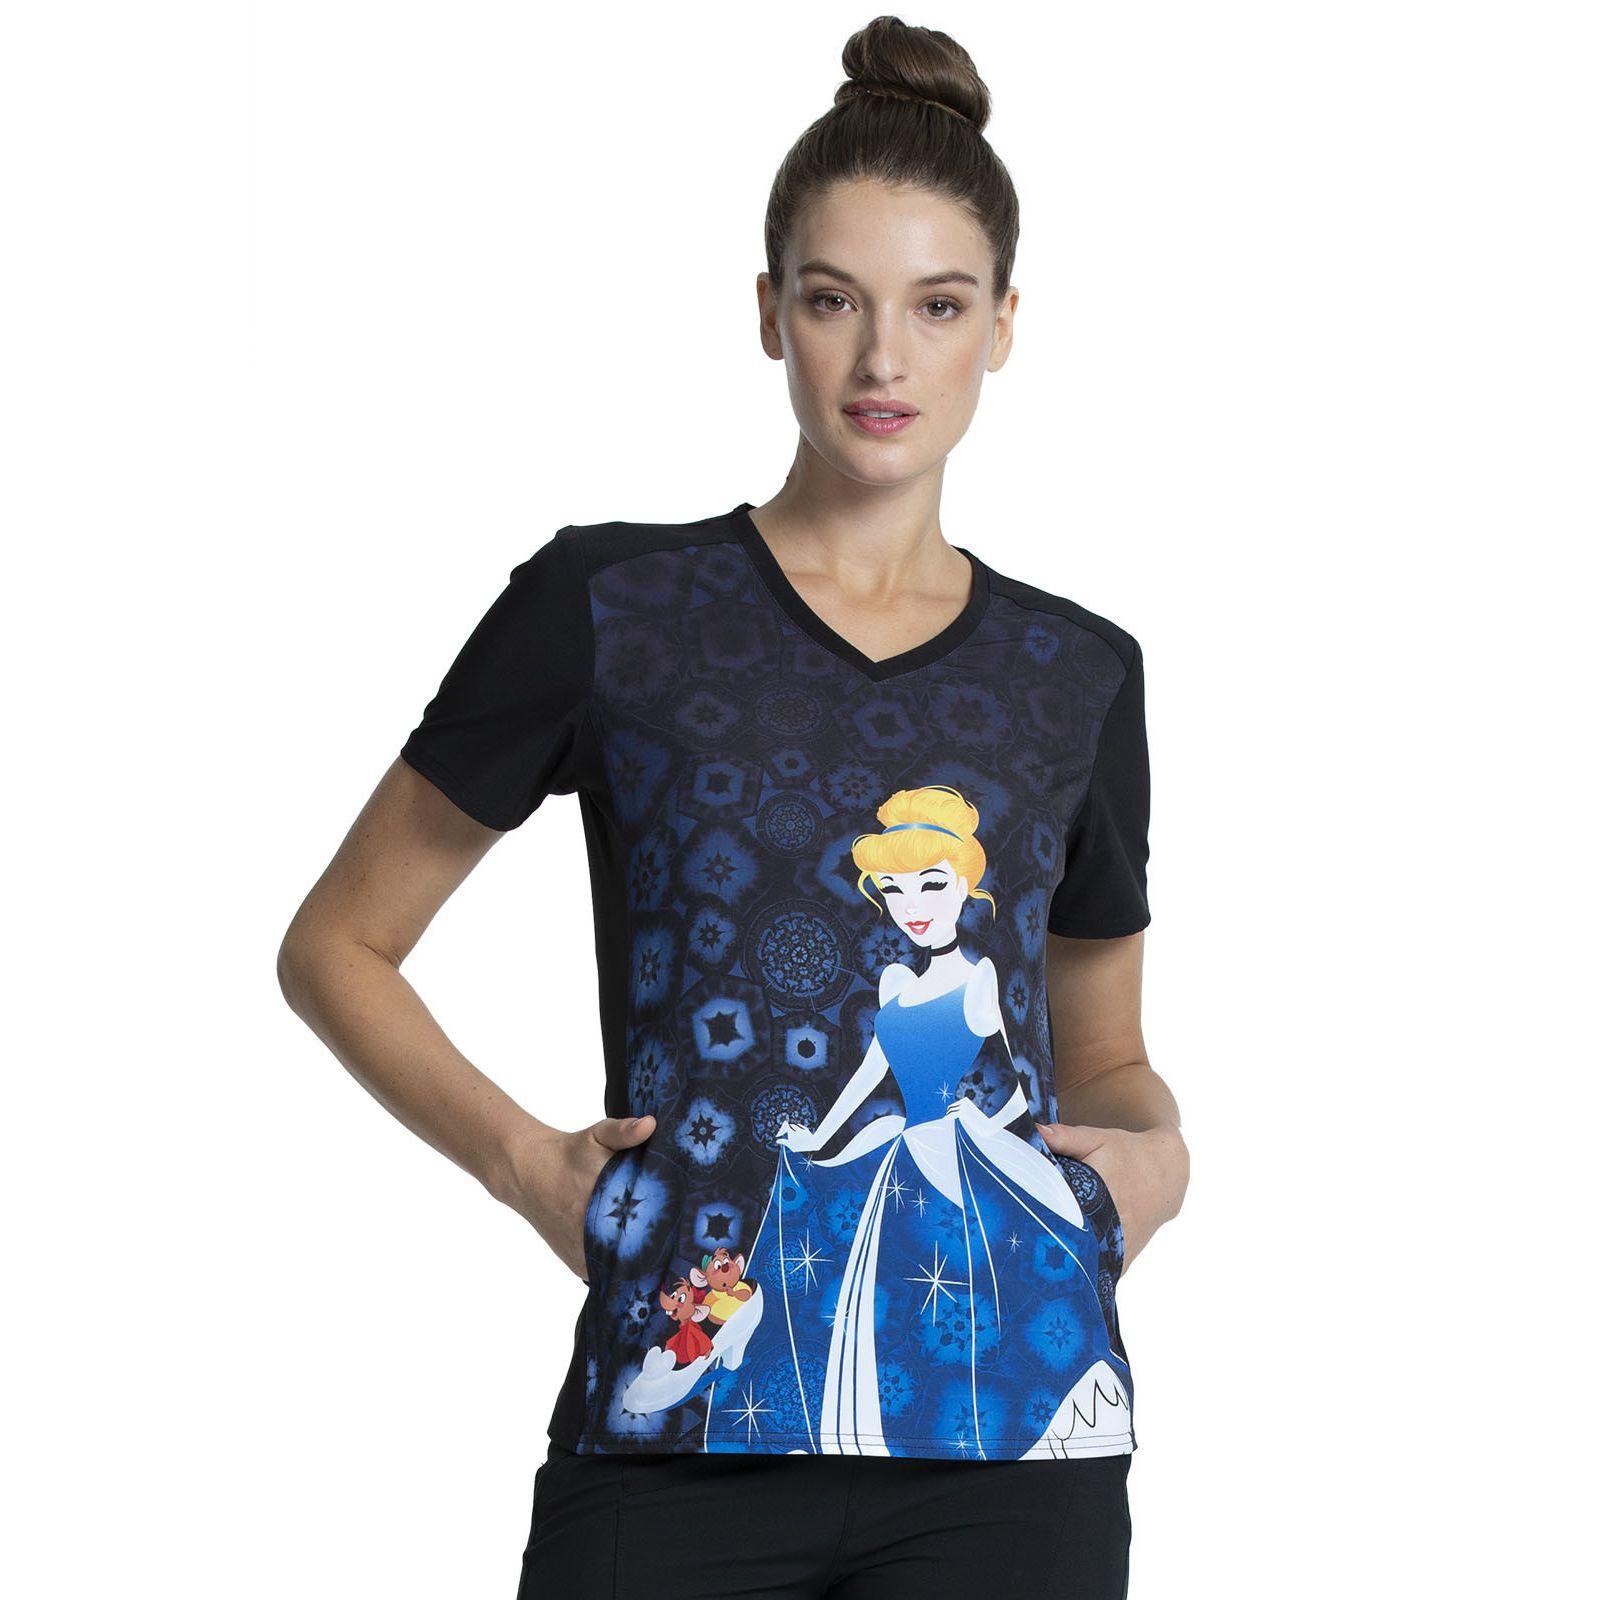 """Blouse médicale originale Femme """"Cendrillon"""", Collection Tooniforms Disney (TF637) vue face"""